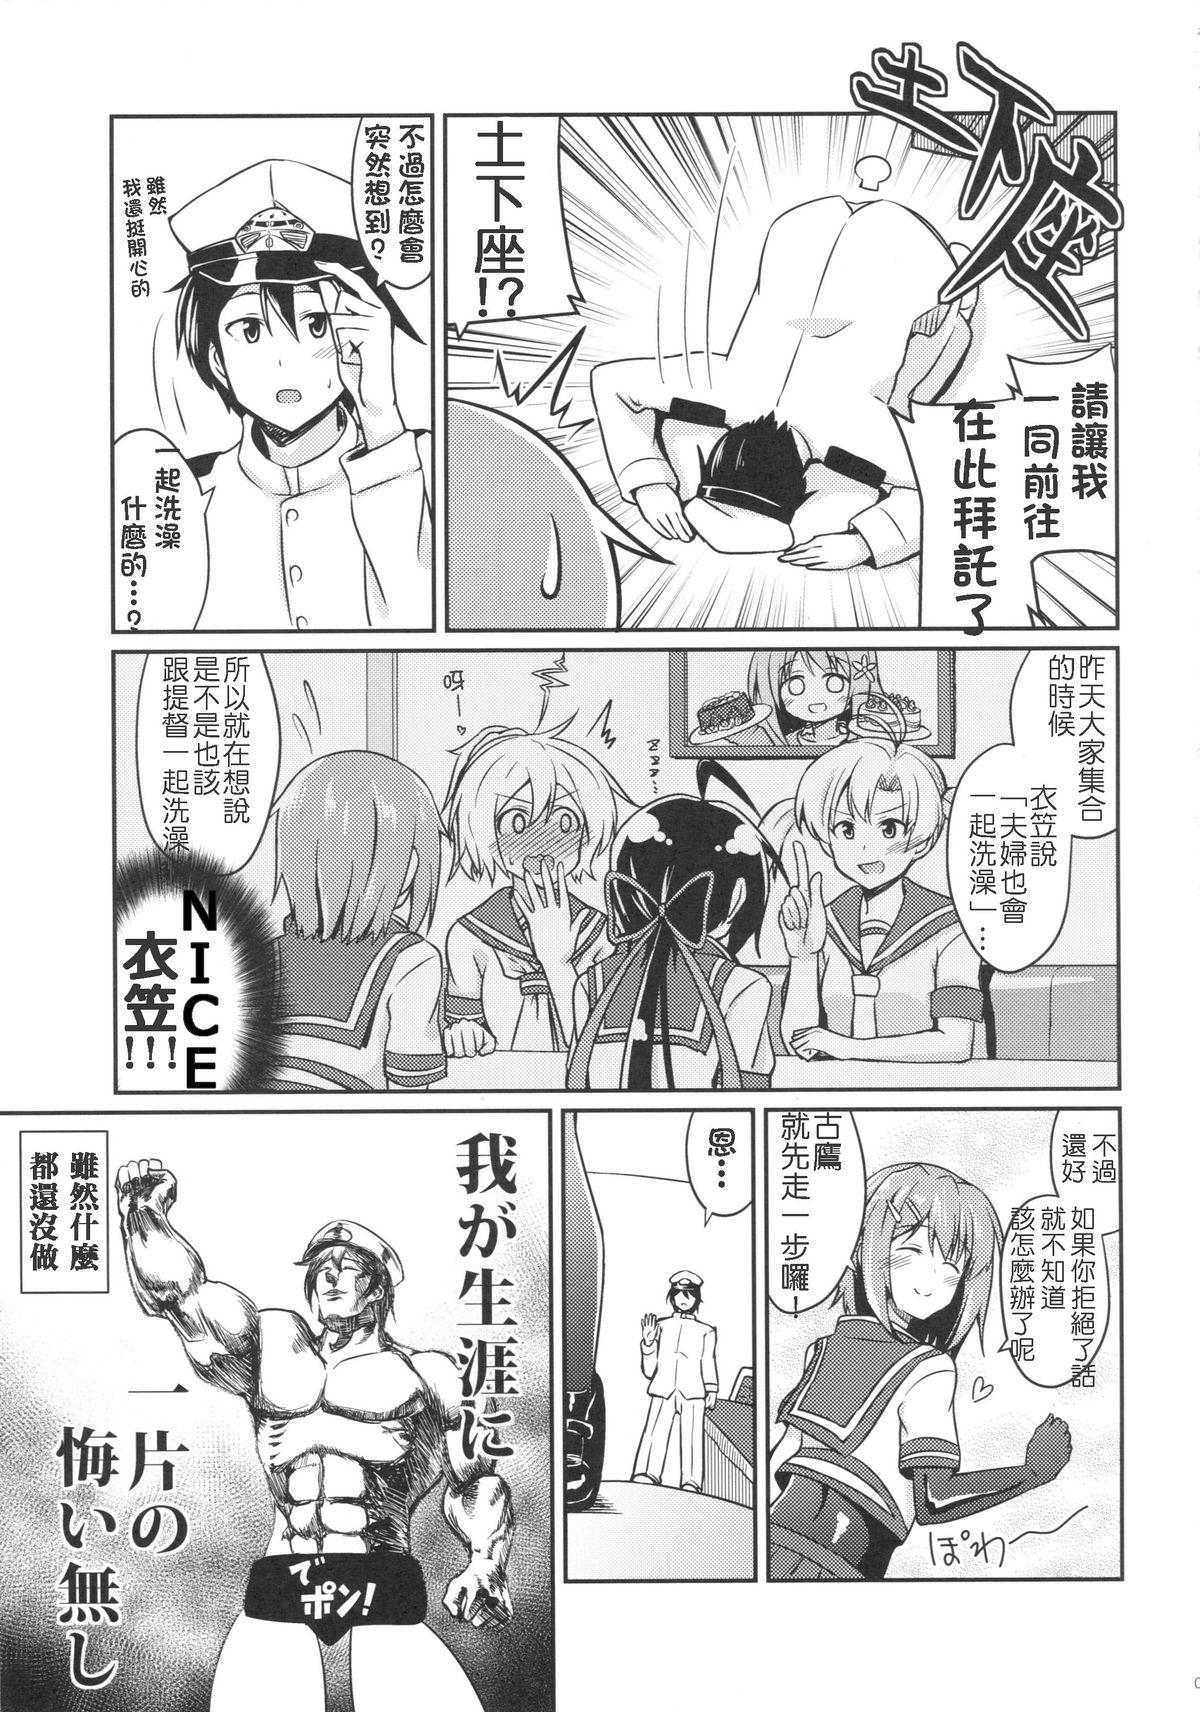 Furutaka to Ofuro 3